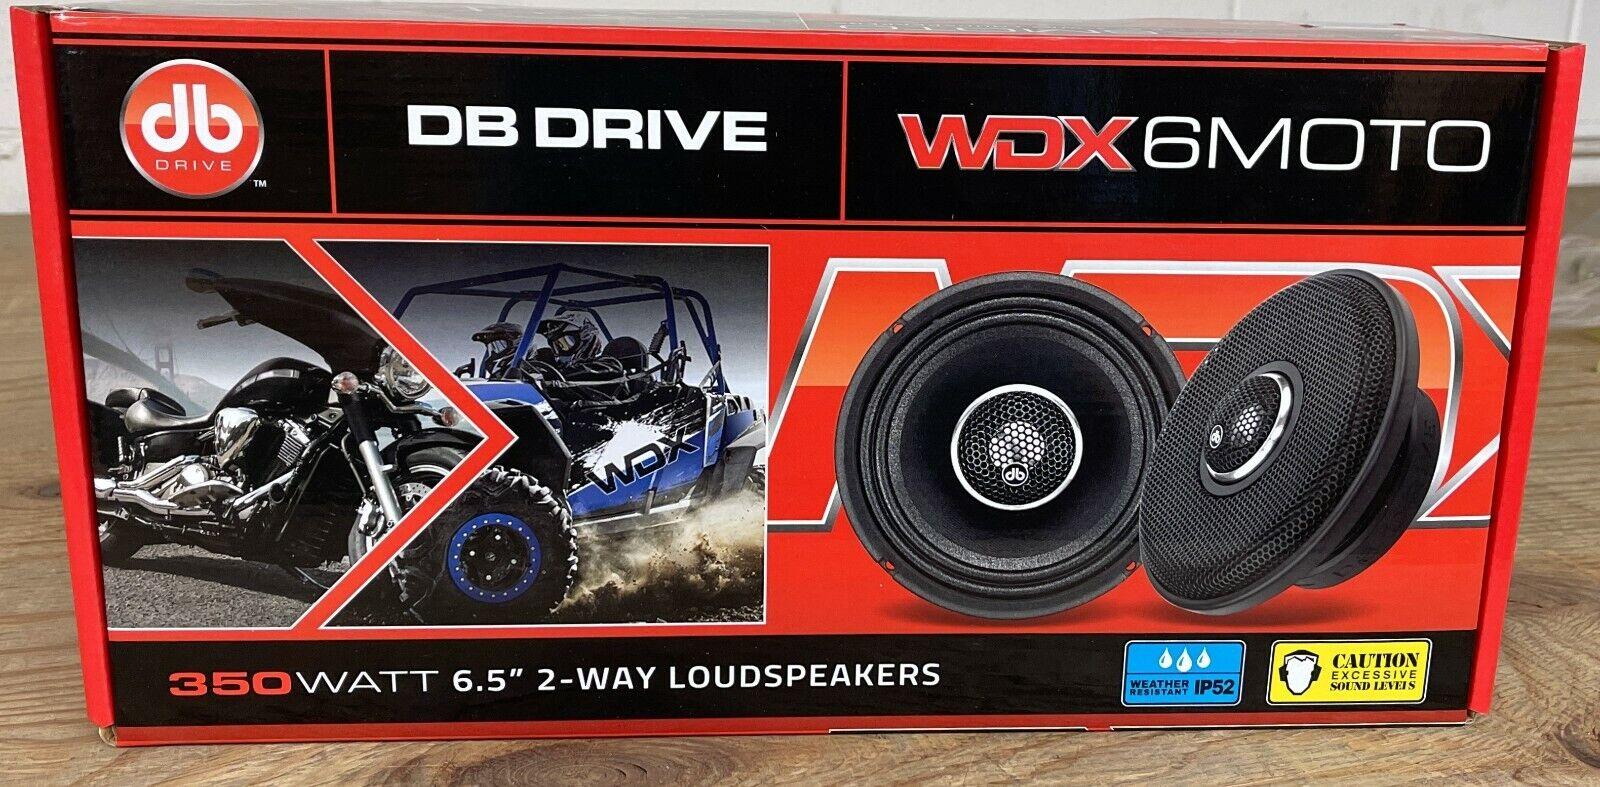 """Image 1 - DB Drive WDX6MOTO 6.5"""" 2Way 350 Watt Weather Resistant IP52 Coaxial Speakers NEW"""